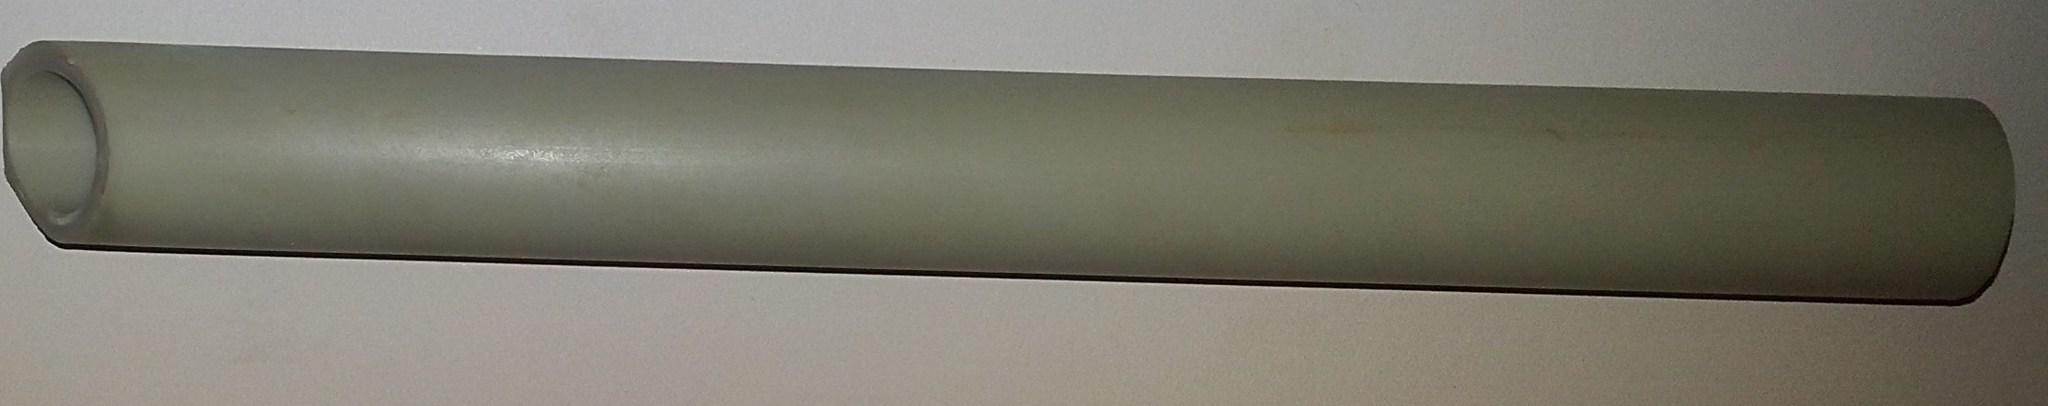 Трубы полипропиленовые 32